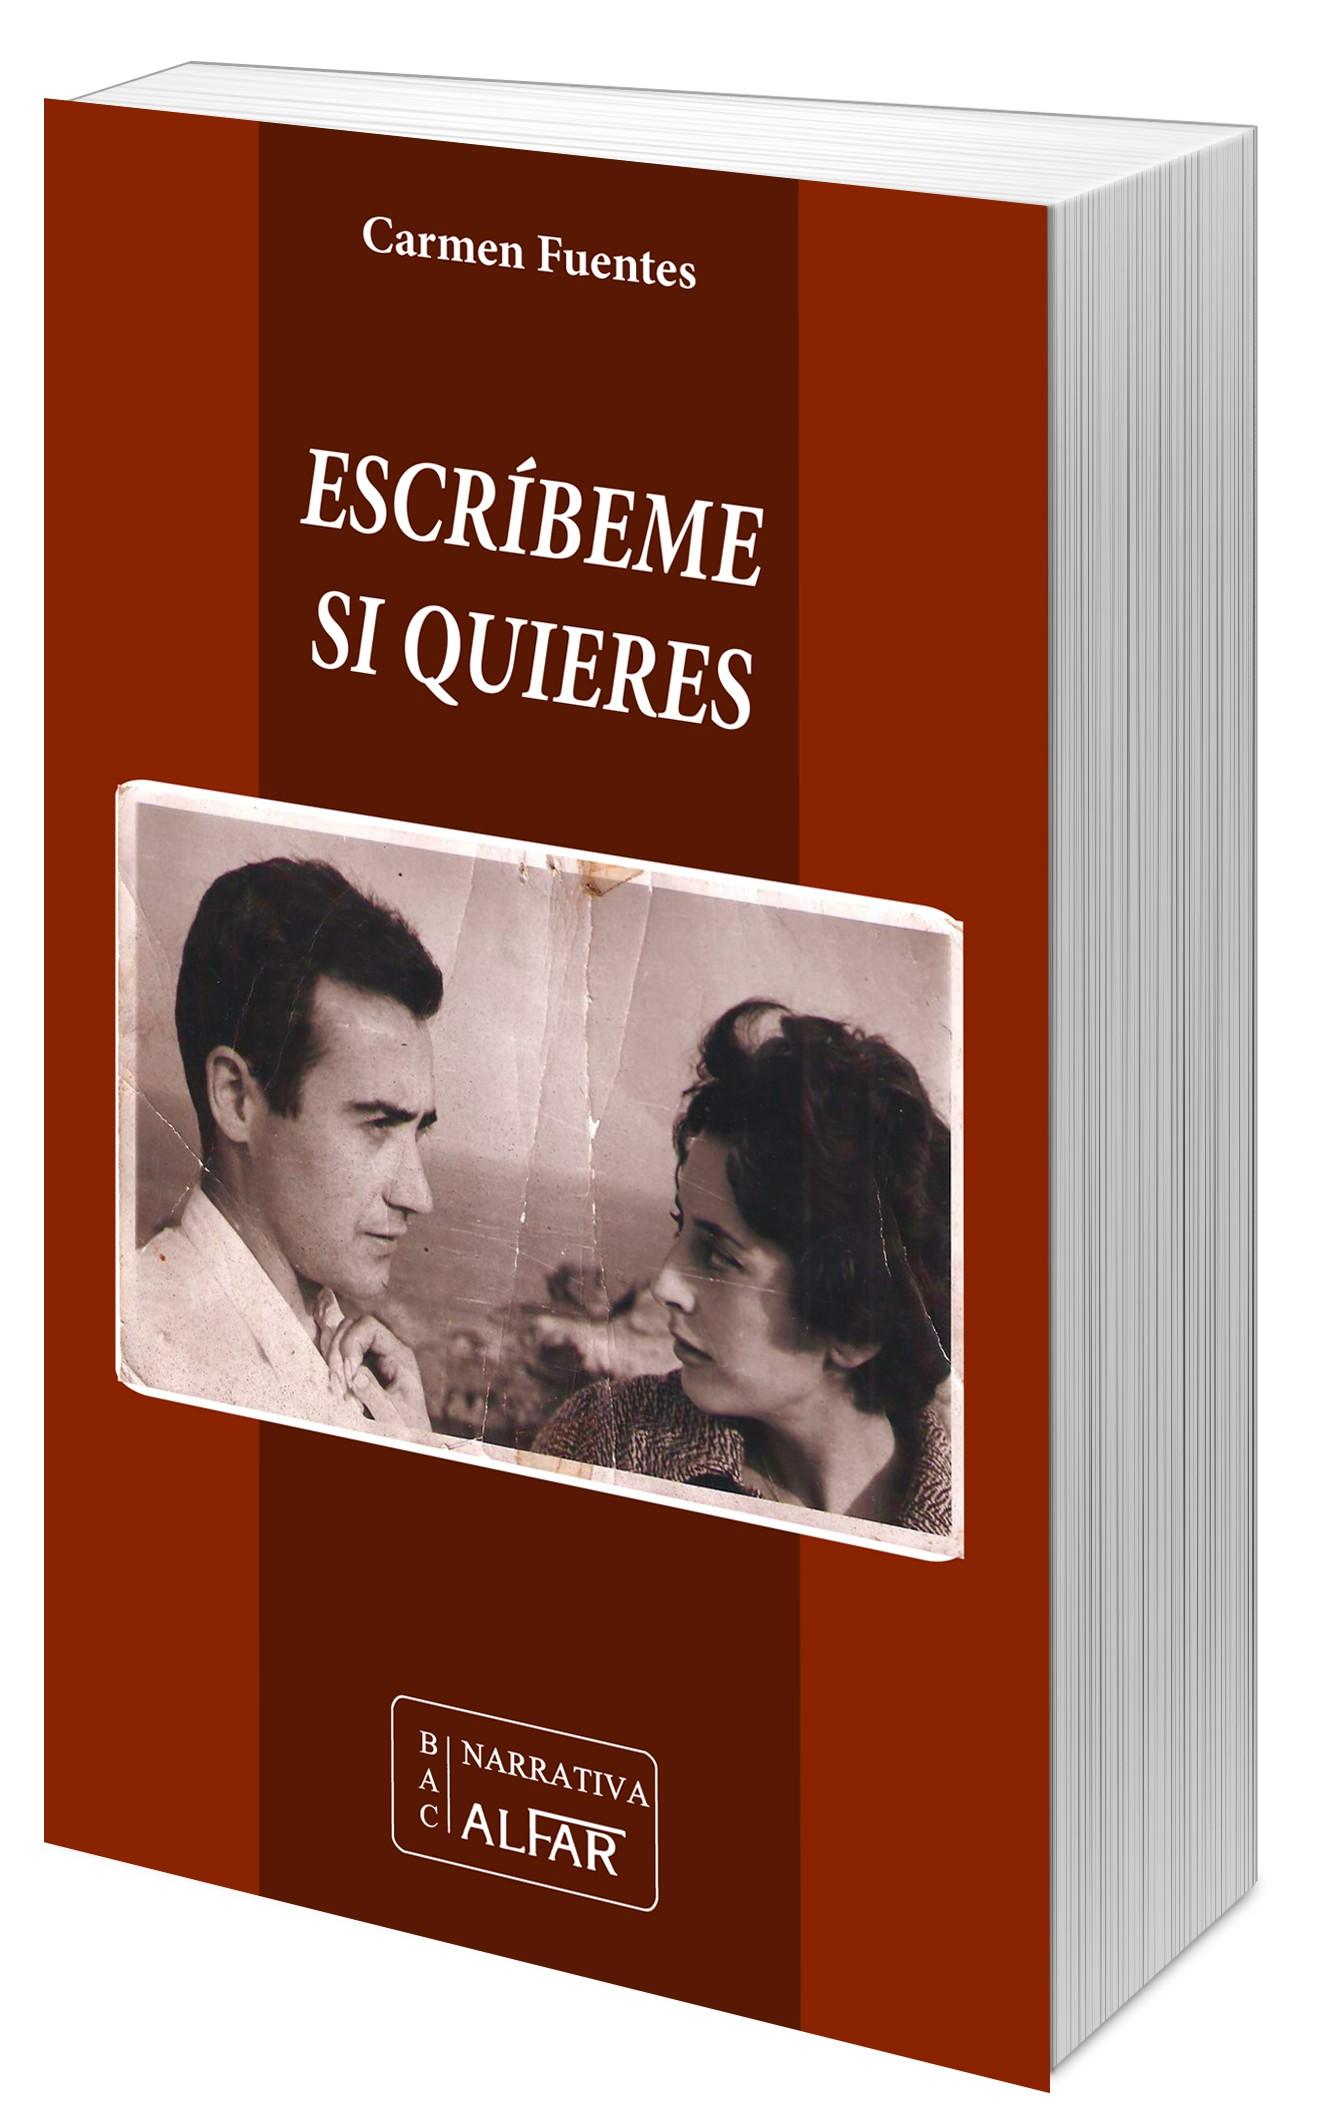 Entrevista en La Tribuna de Albacete a Carmen Fuentes y su novela Escríbeme si quieres